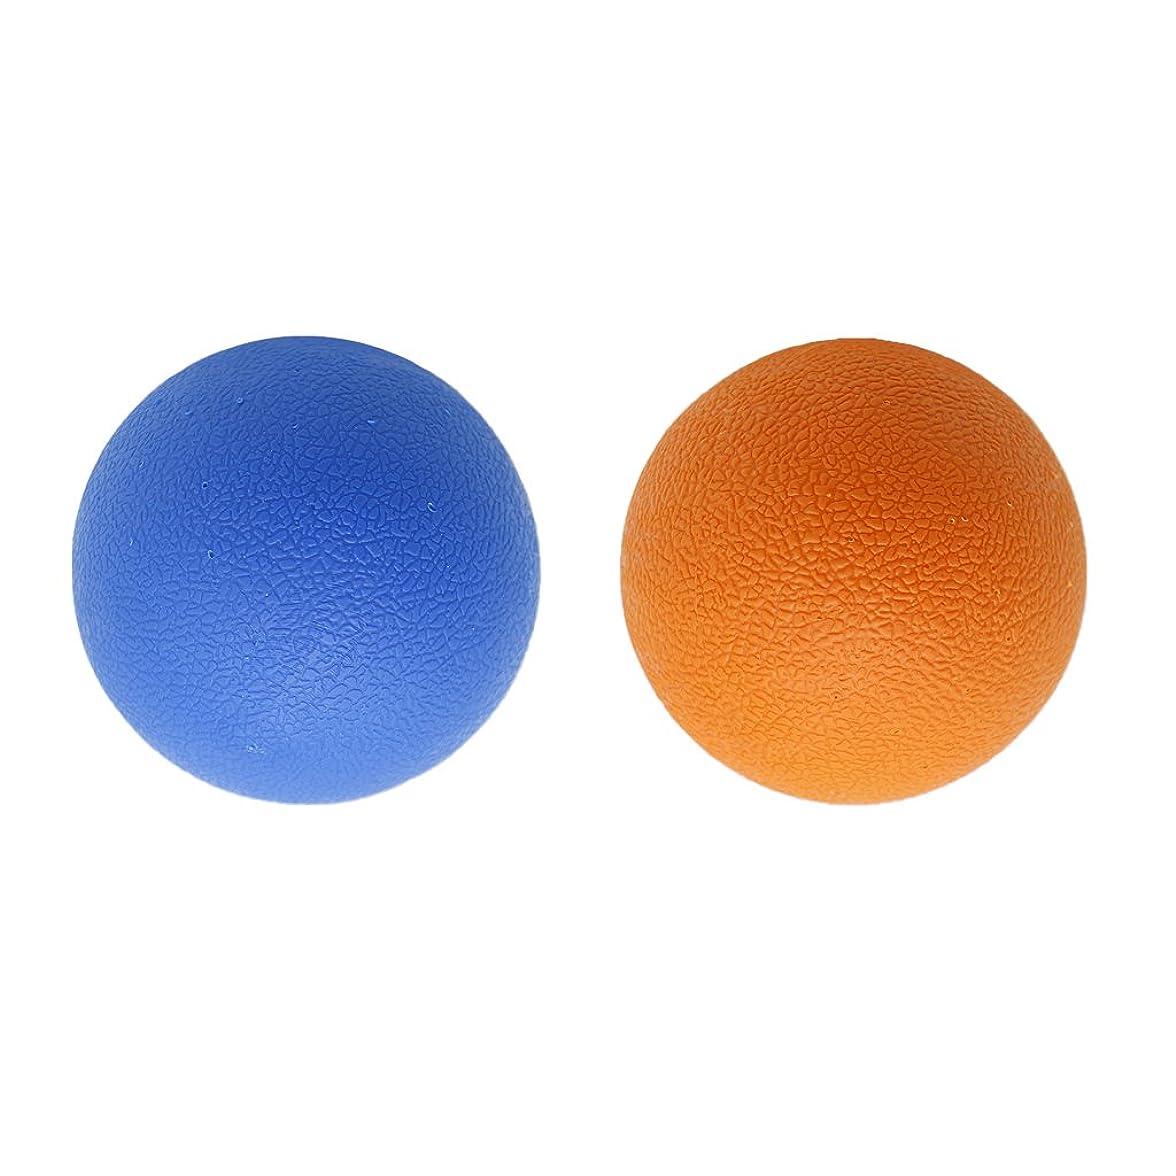 特殊異常な梨Baoblaze 2個 マッサージボール ラクロスボール トリガ ポイントマッサージ 弾性TPE 多色選べる - オレンジブルー